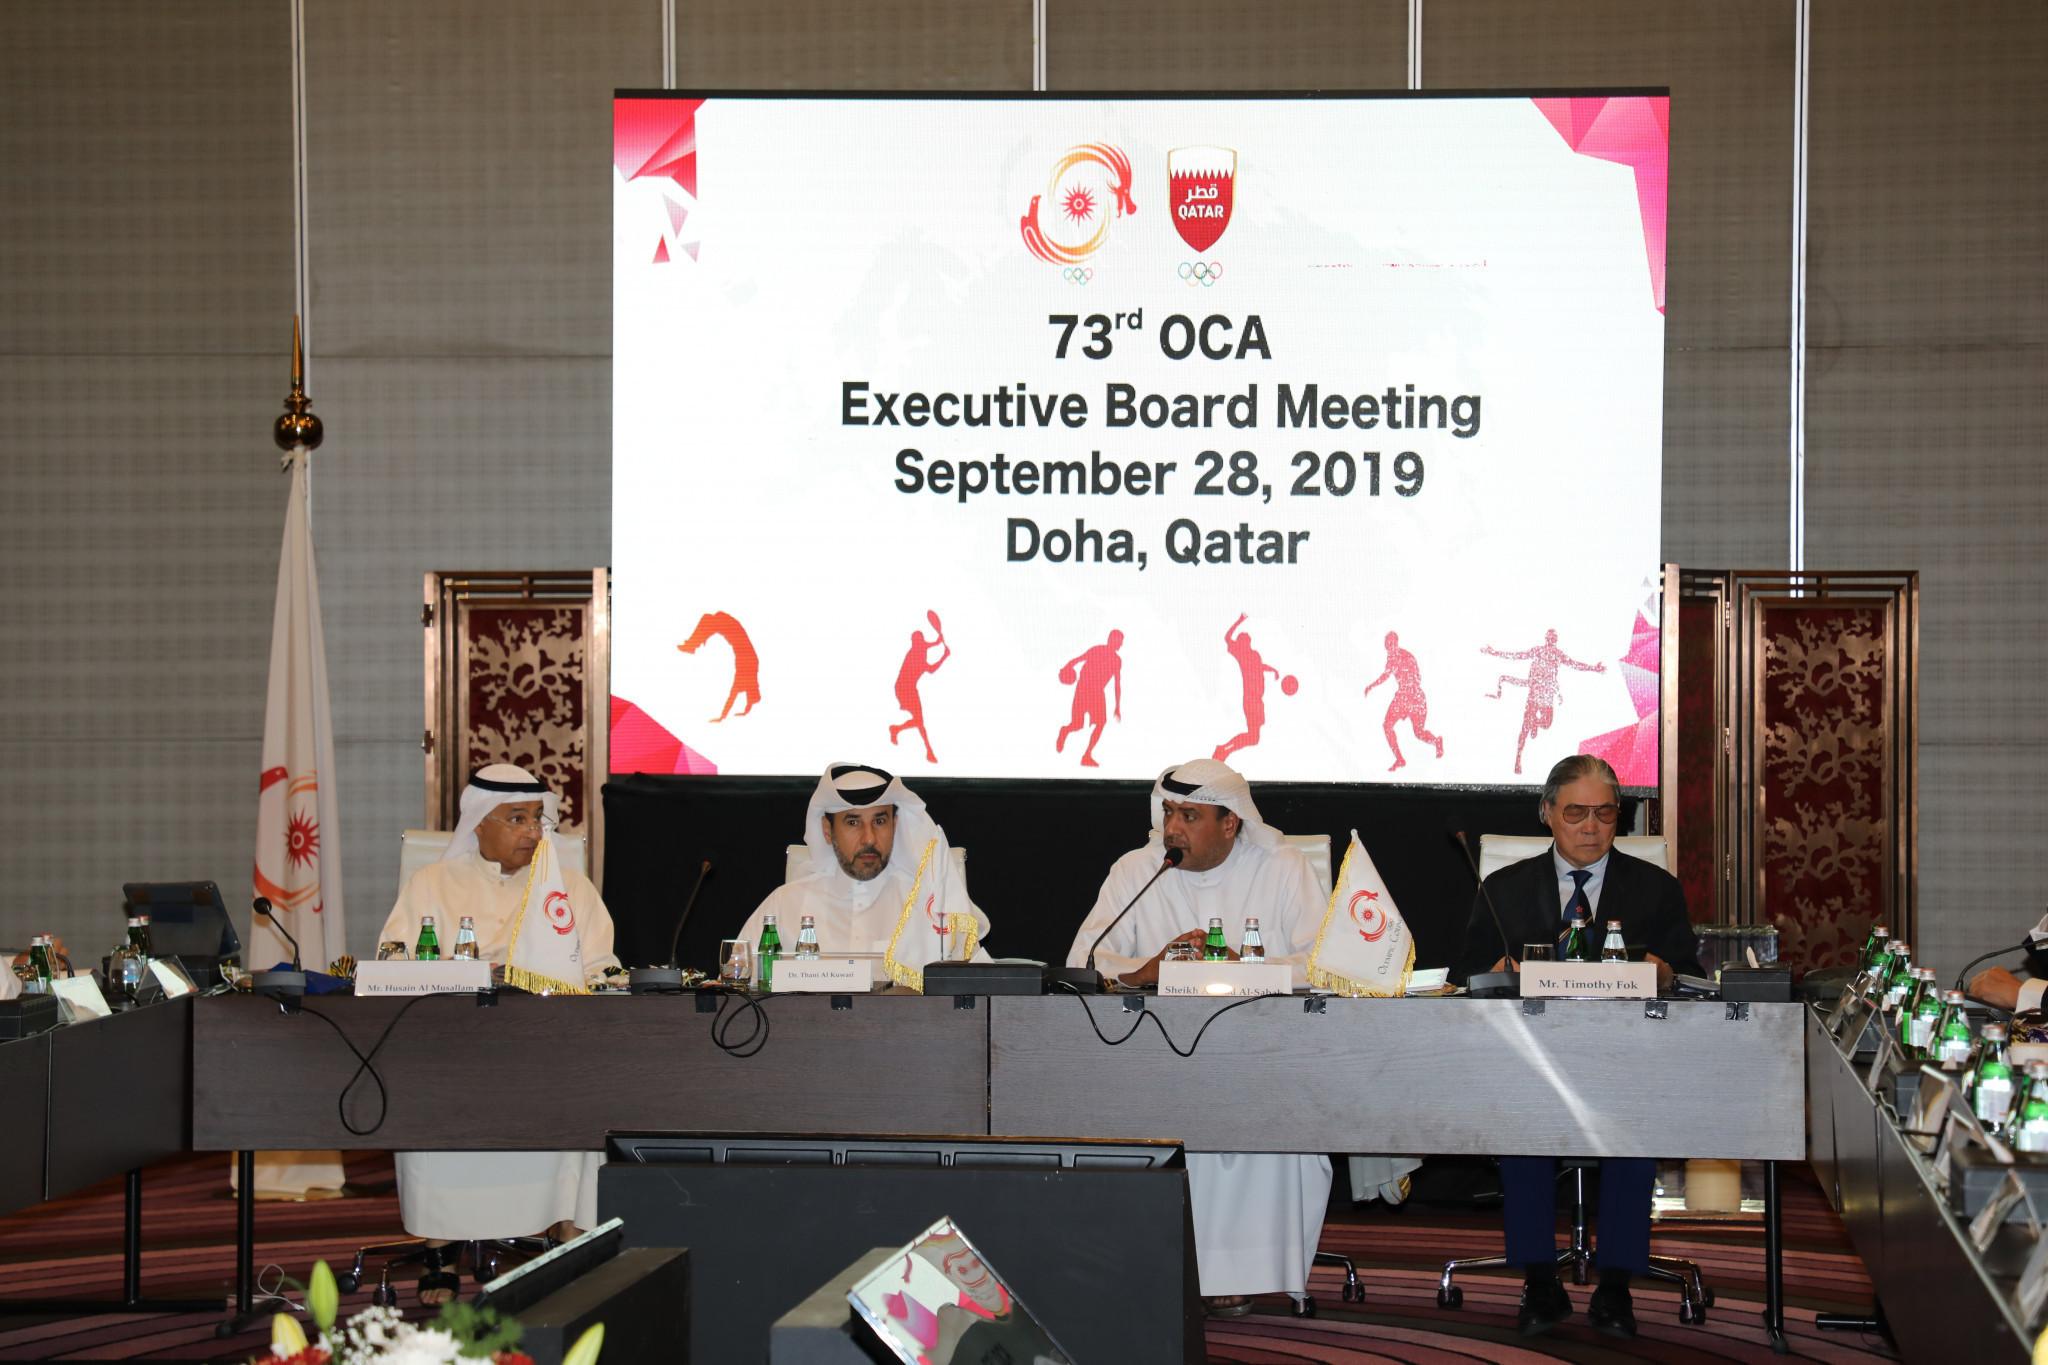 The OCA awarded Tashkent the 2025 Asian Youth Games in 2019 ©OCA